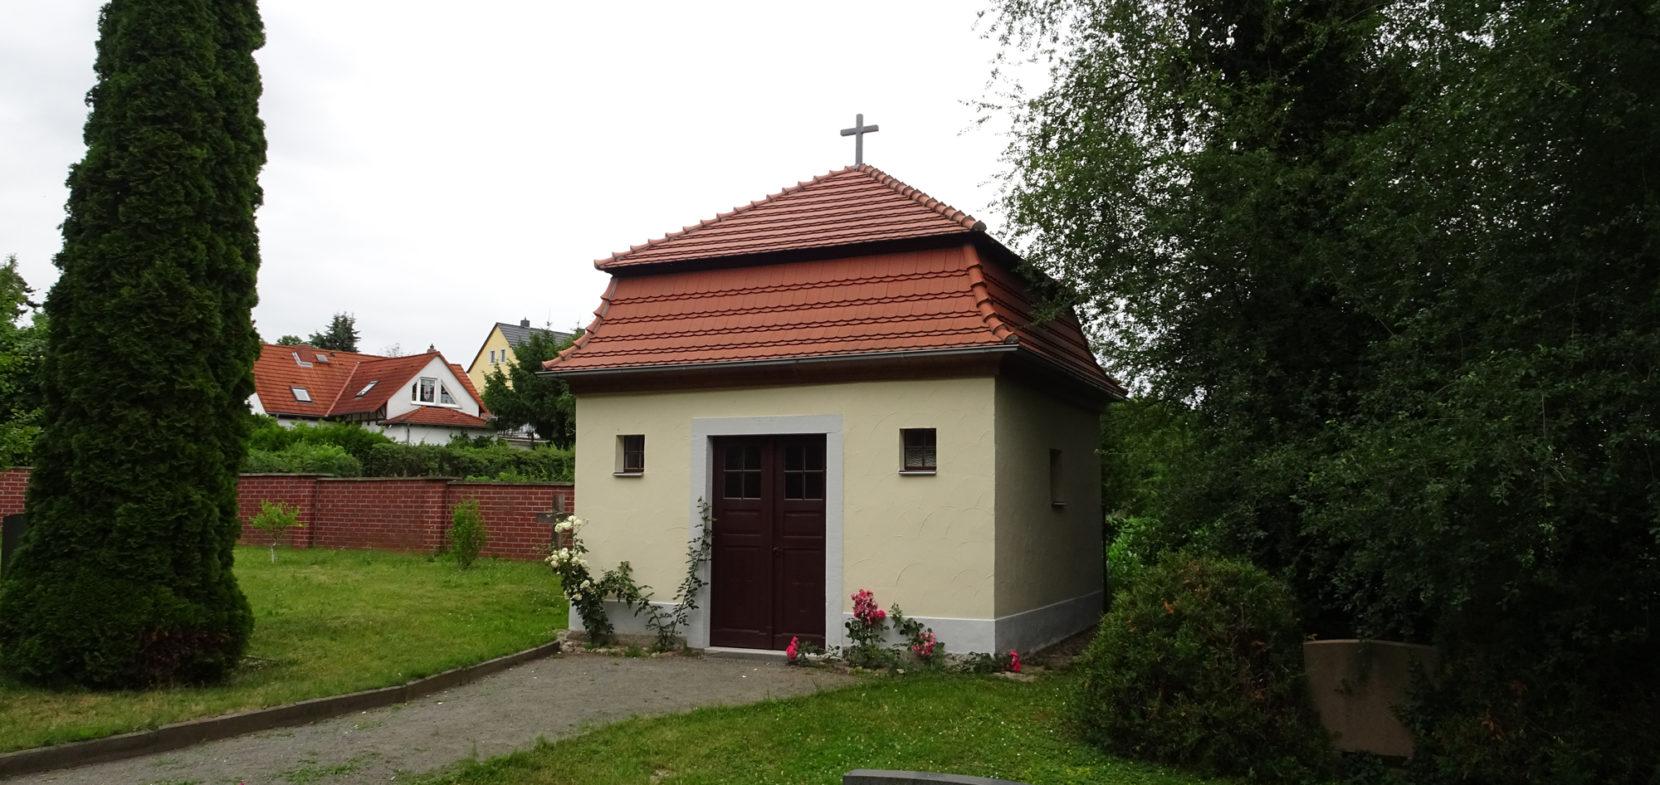 Friedhof Lützschena